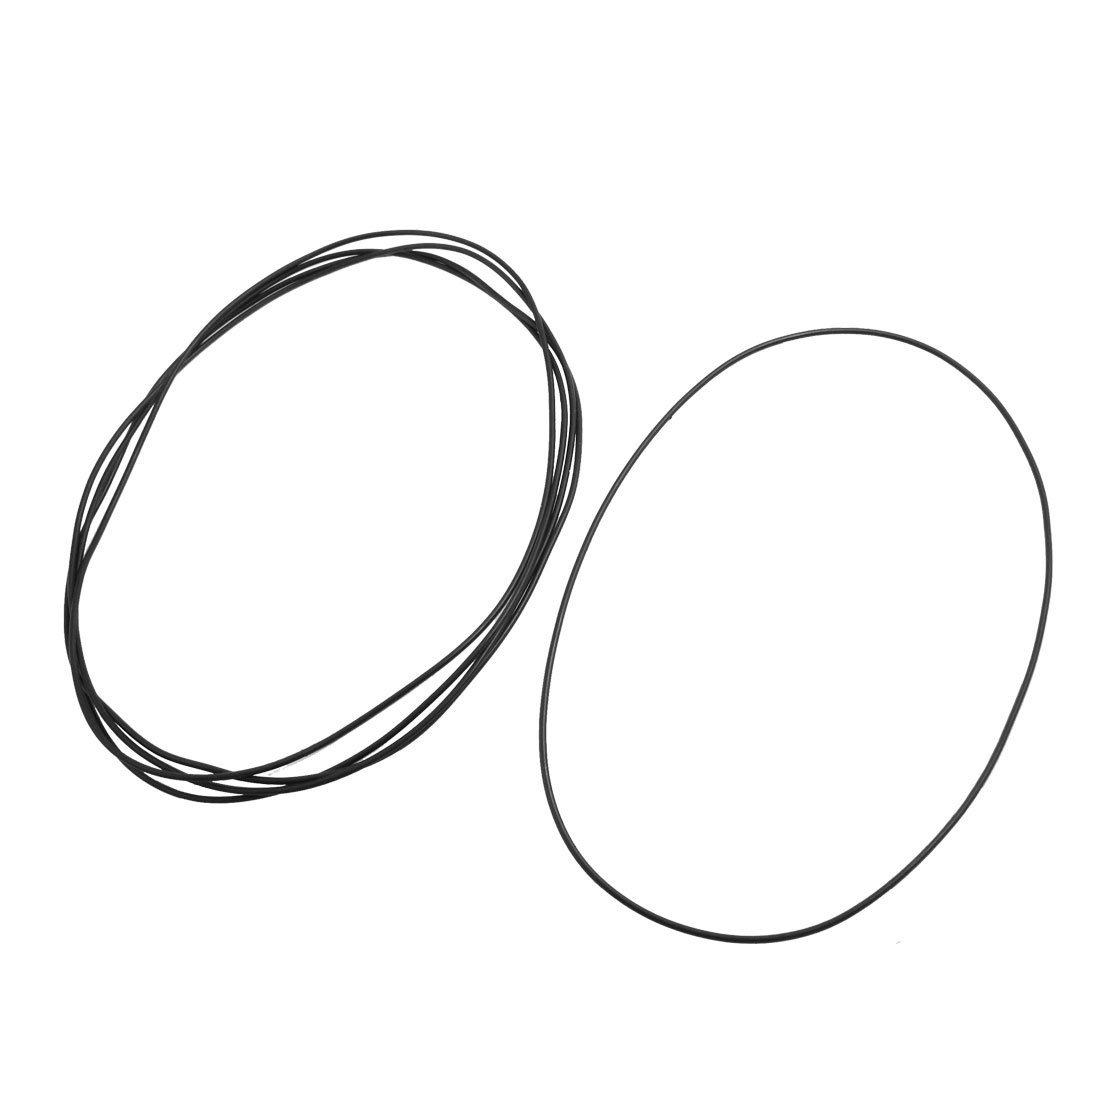 2 mm x 150 mm de goma del tipo O Sellado de juntas de anillo ojales Negro 5 x DealMux DLM-B00ARATQOY